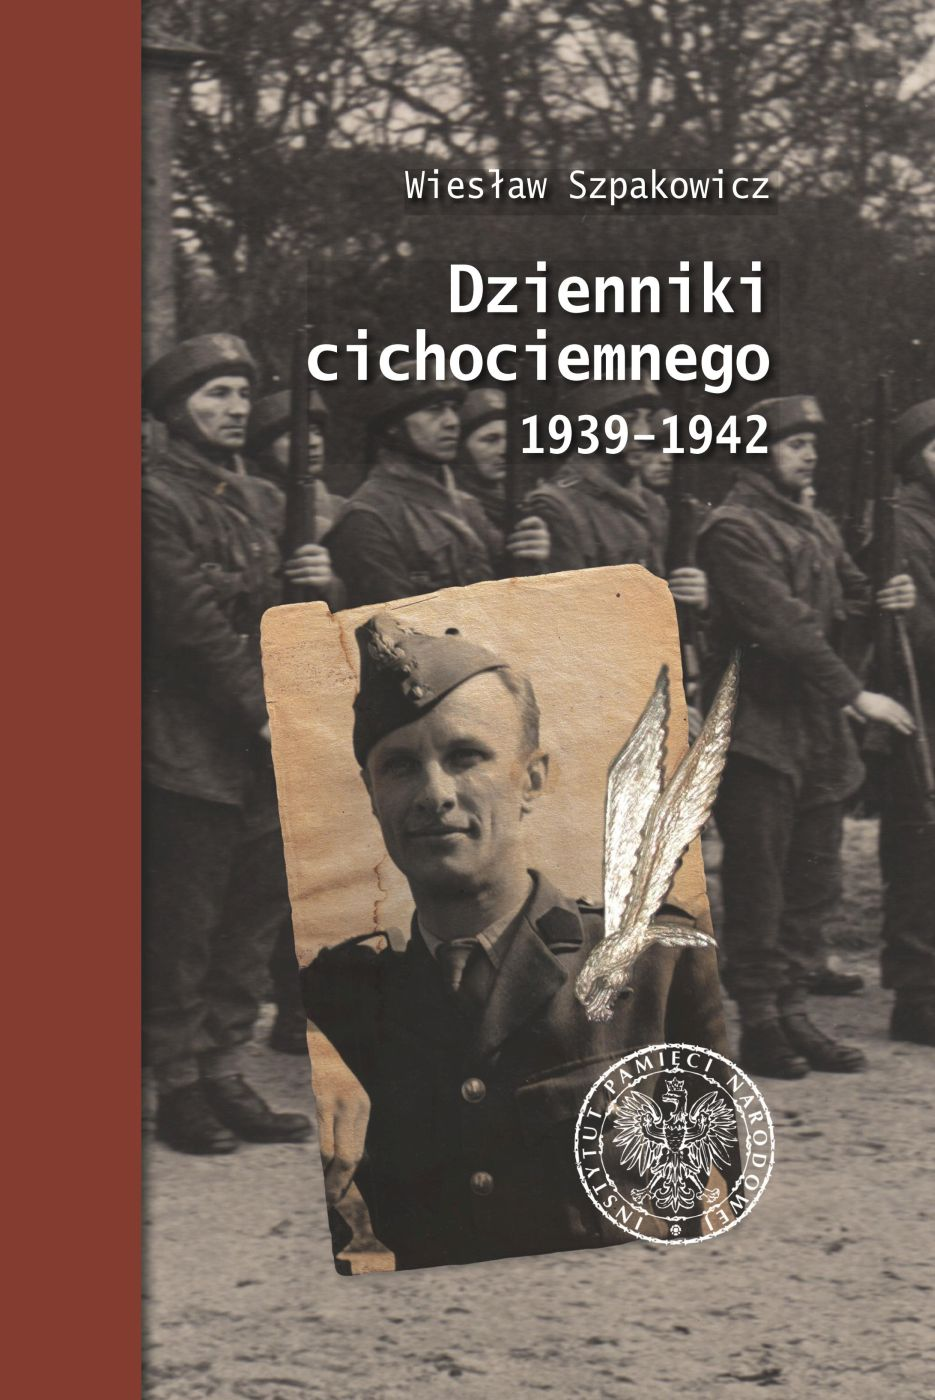 Dzienniki cichociemnego 1939-1942 (W.Szpakowicz)